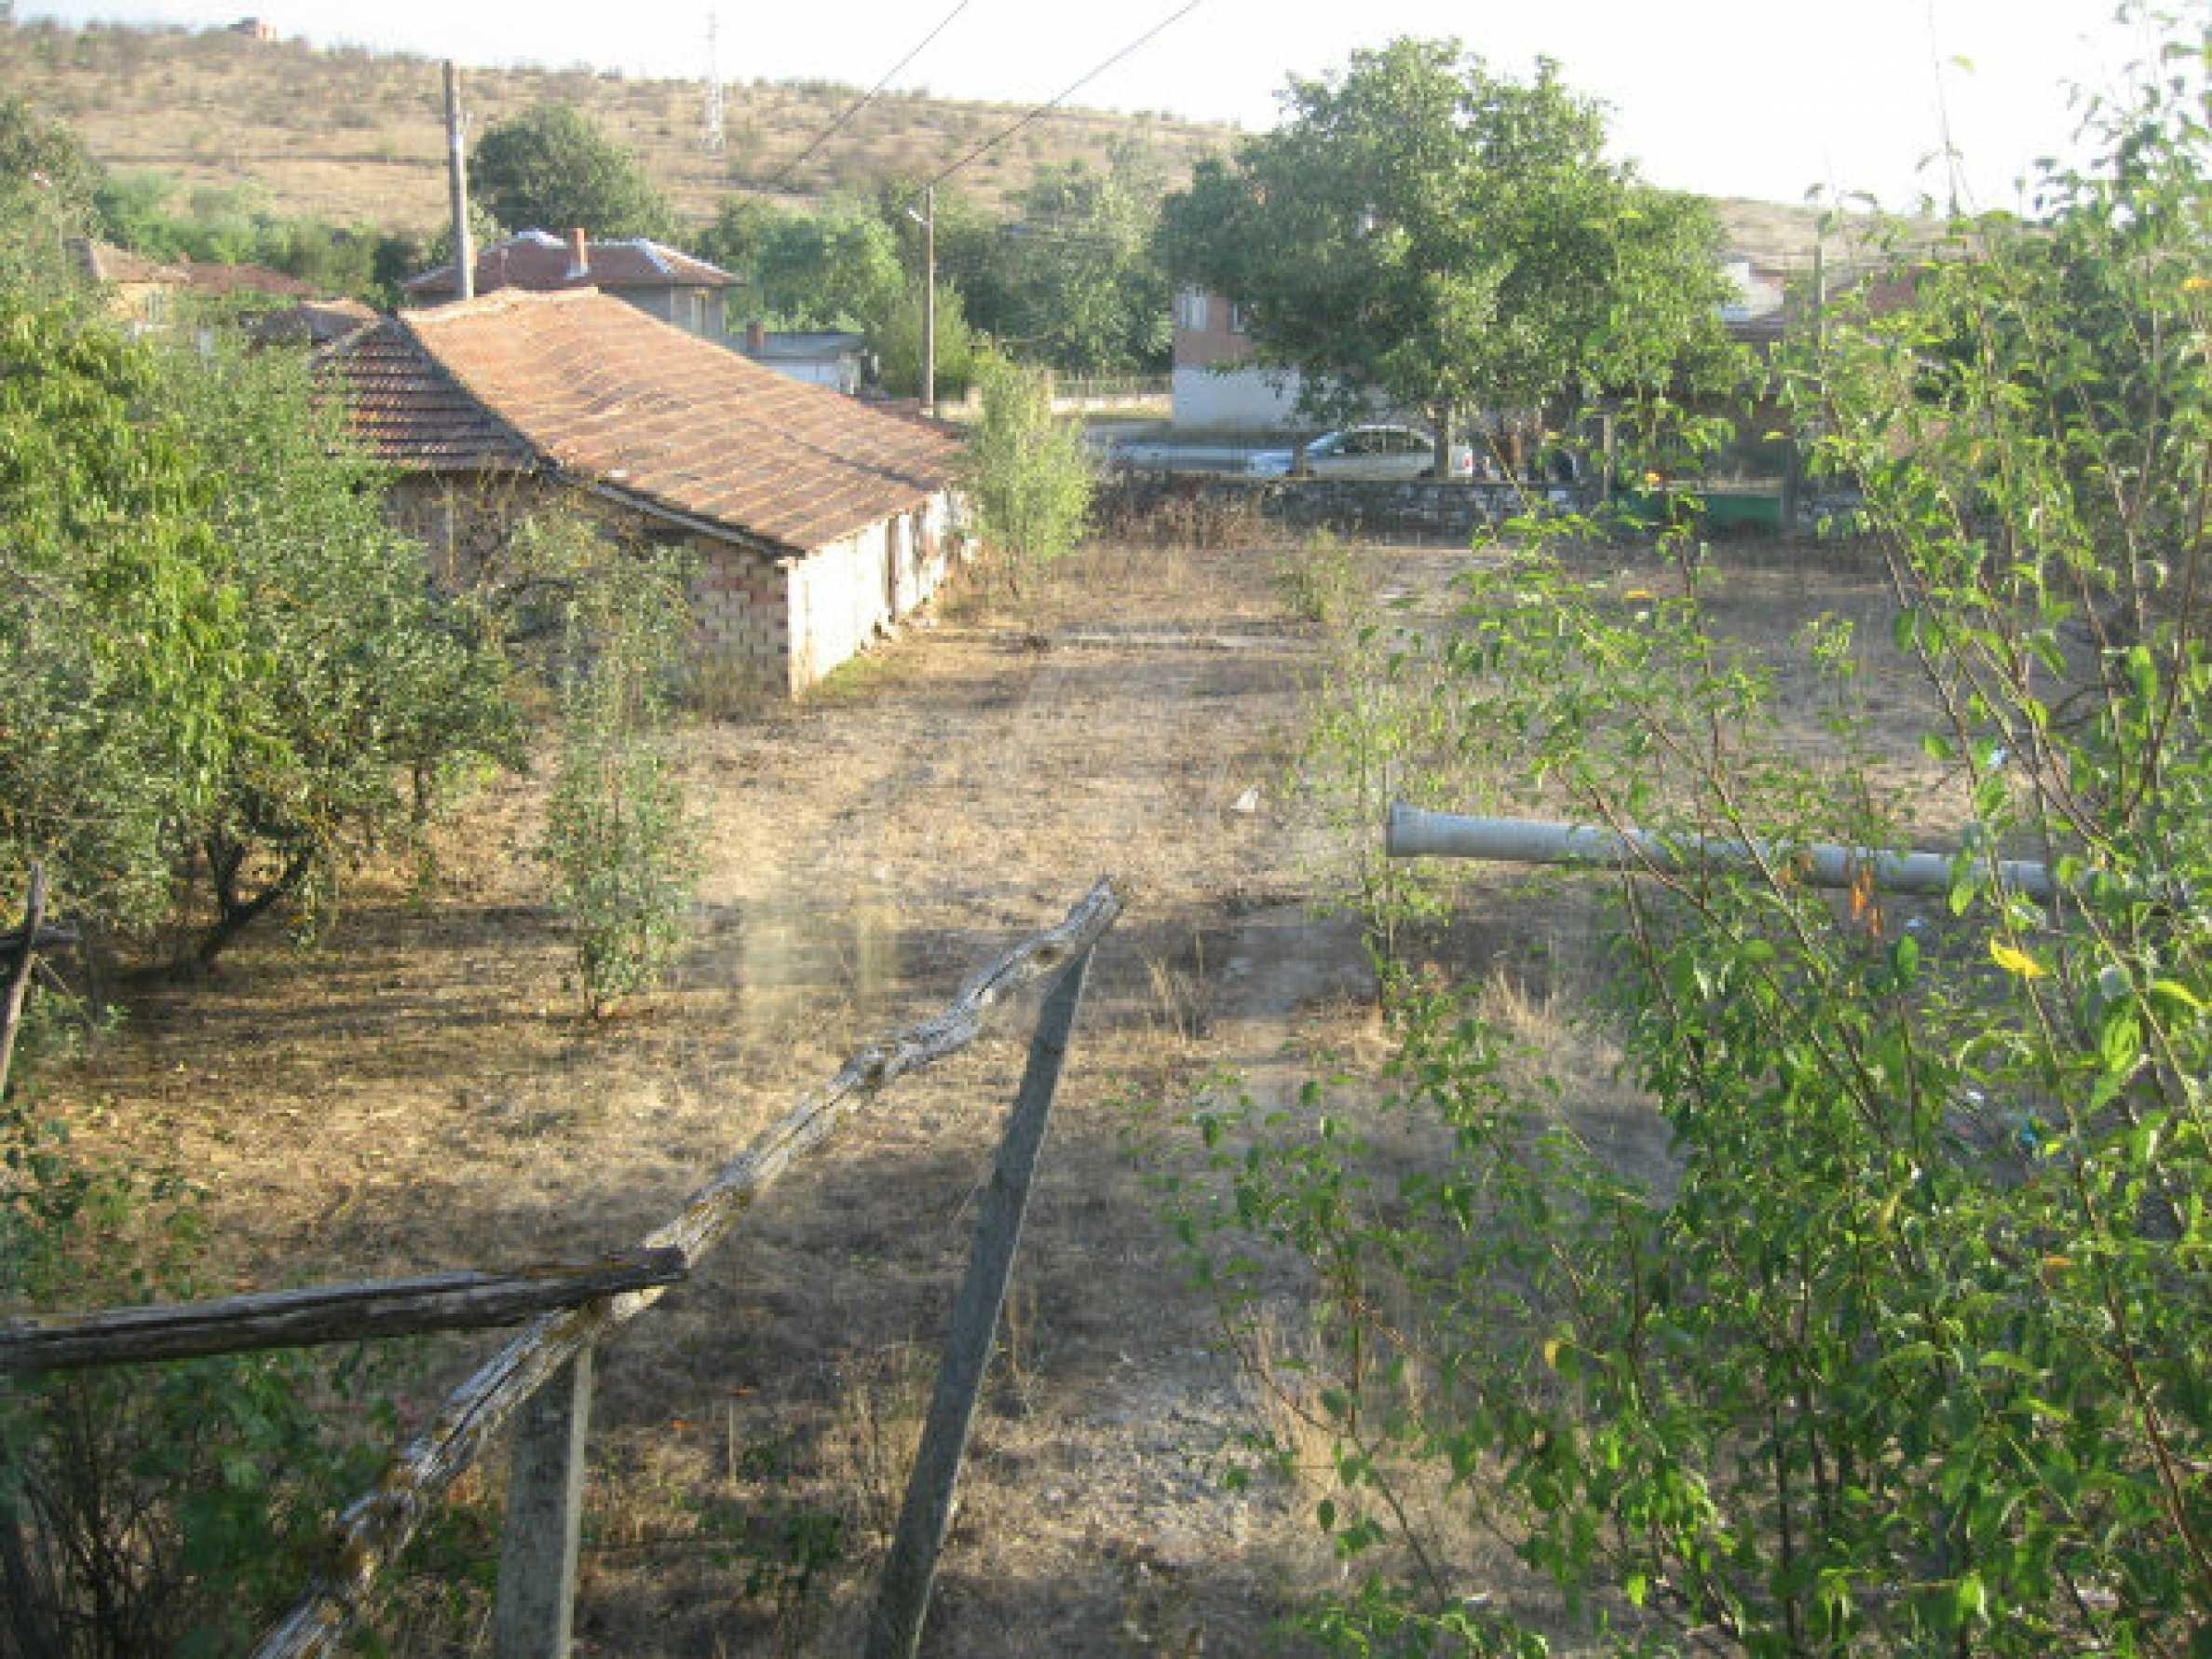 Sonniges zweistöckiges Haus in einem kleinen Dorf in der Nähe der Flüsse Tundzha und Elhovo 28